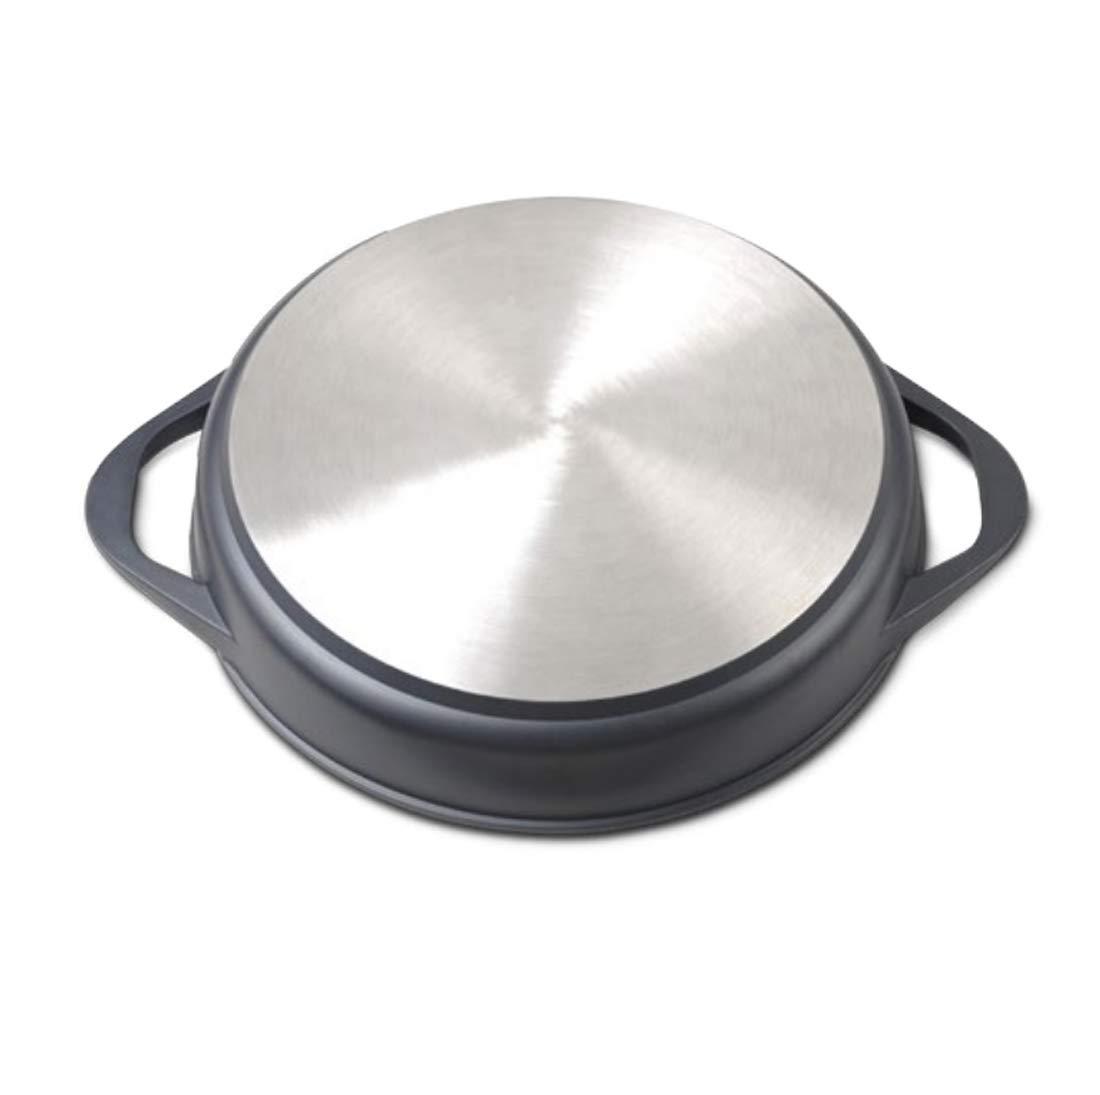 Libre de BPA Tapa de Cristal Aluminio Forjado Cacerola Antiadherente WeCook 10101 Cazuela de Cocina Inducci/ón Profesional 24 cm